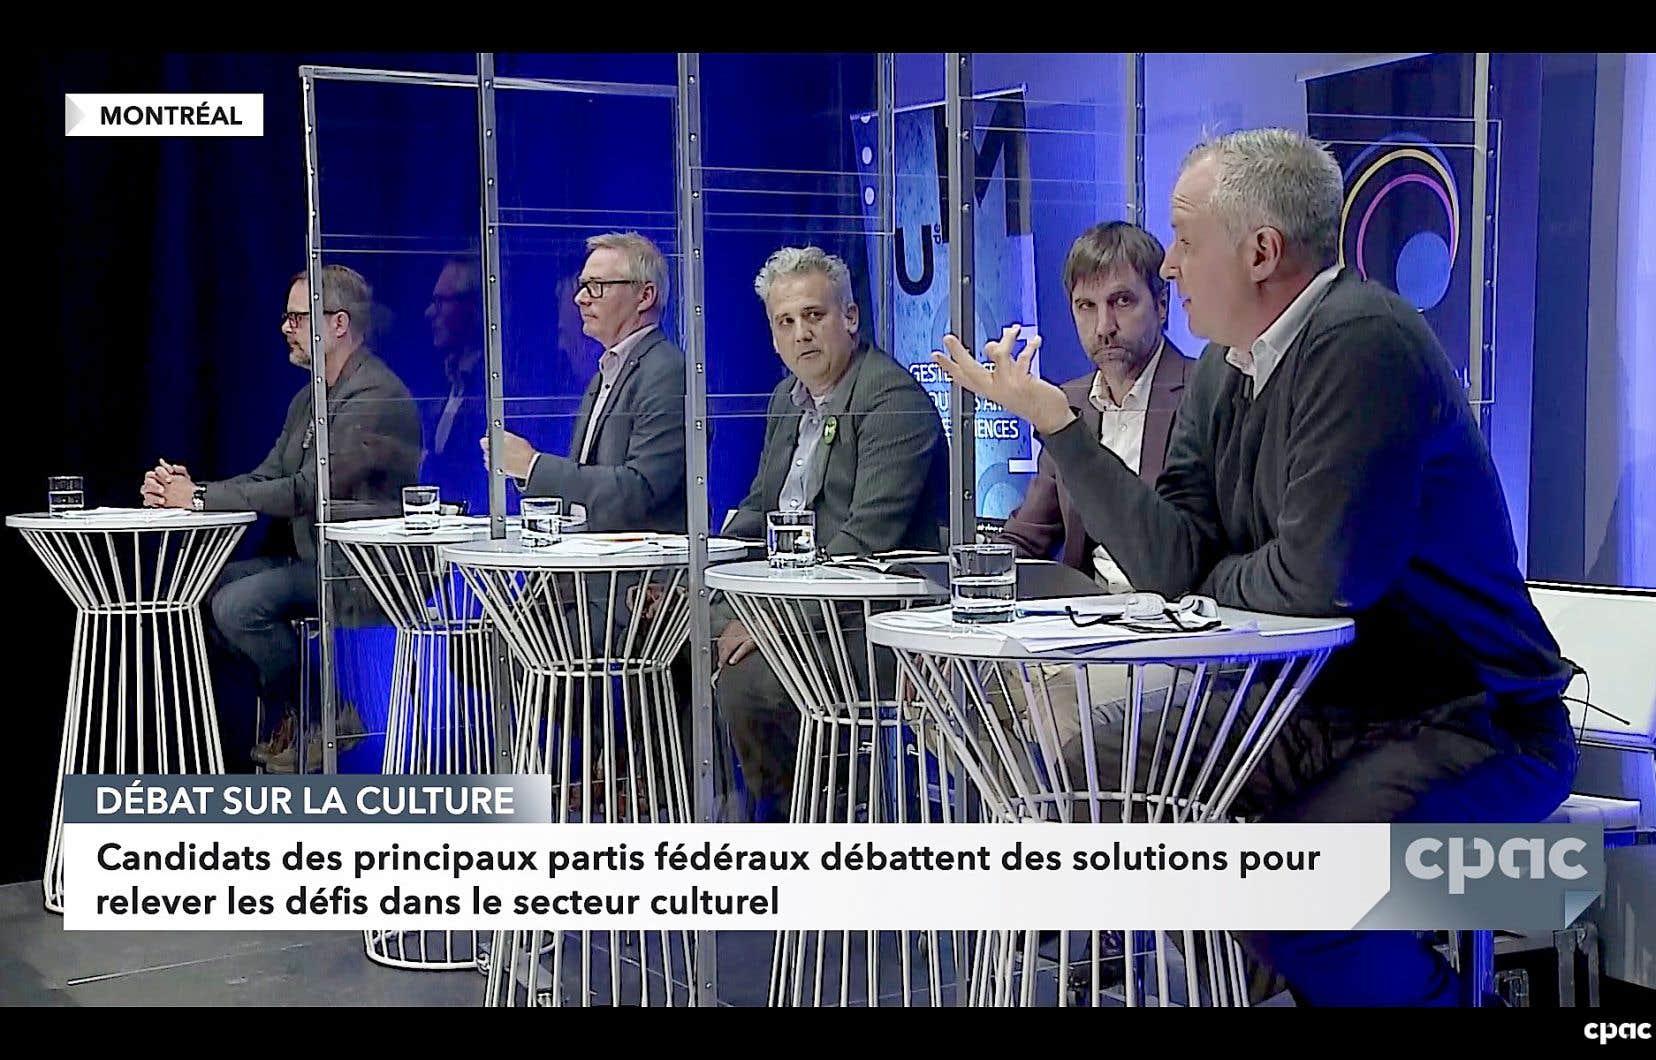 Cinq hommes formaient le panel: Alexandre Boulerice, du Nouveau Parti démocratique, Martin Champoux, du Bloc québécois, Mathieu Goyette, du Parti vert, le ministre du Patrimoine, Steven Guilbeault, du Parti libéral, et Steve Shanahan, du Parti conservateur.